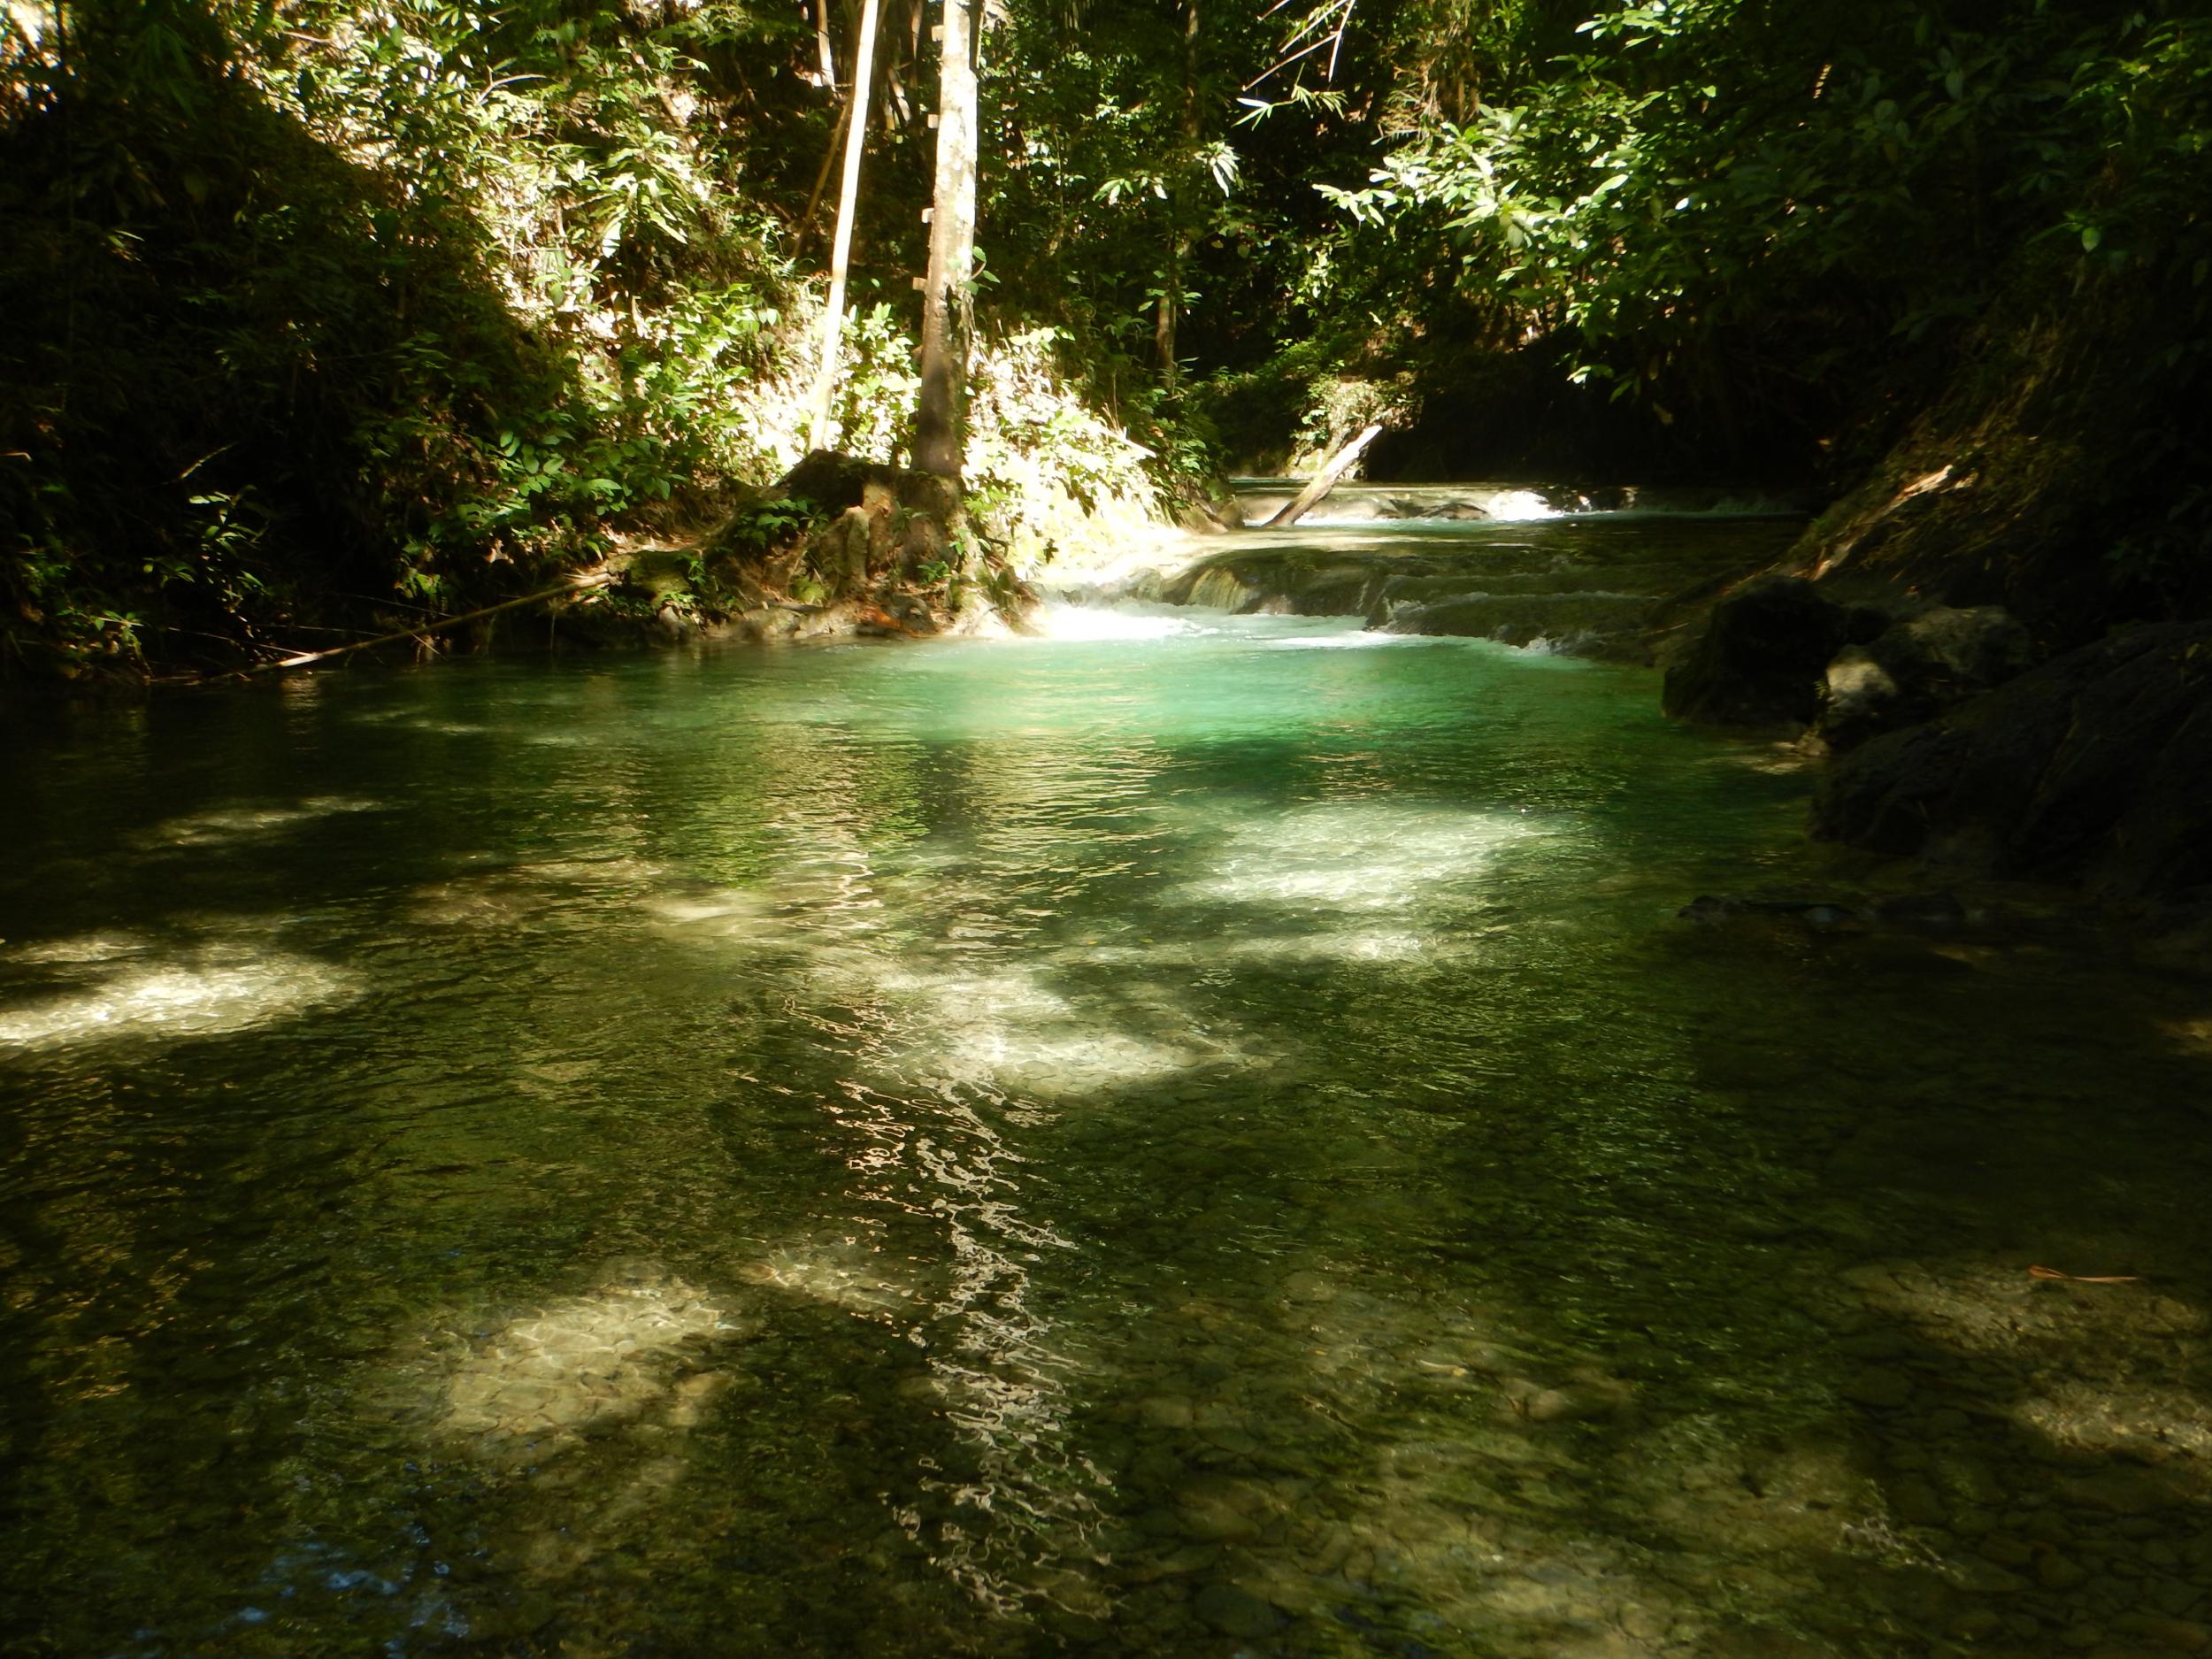 73. Serene spot on the river